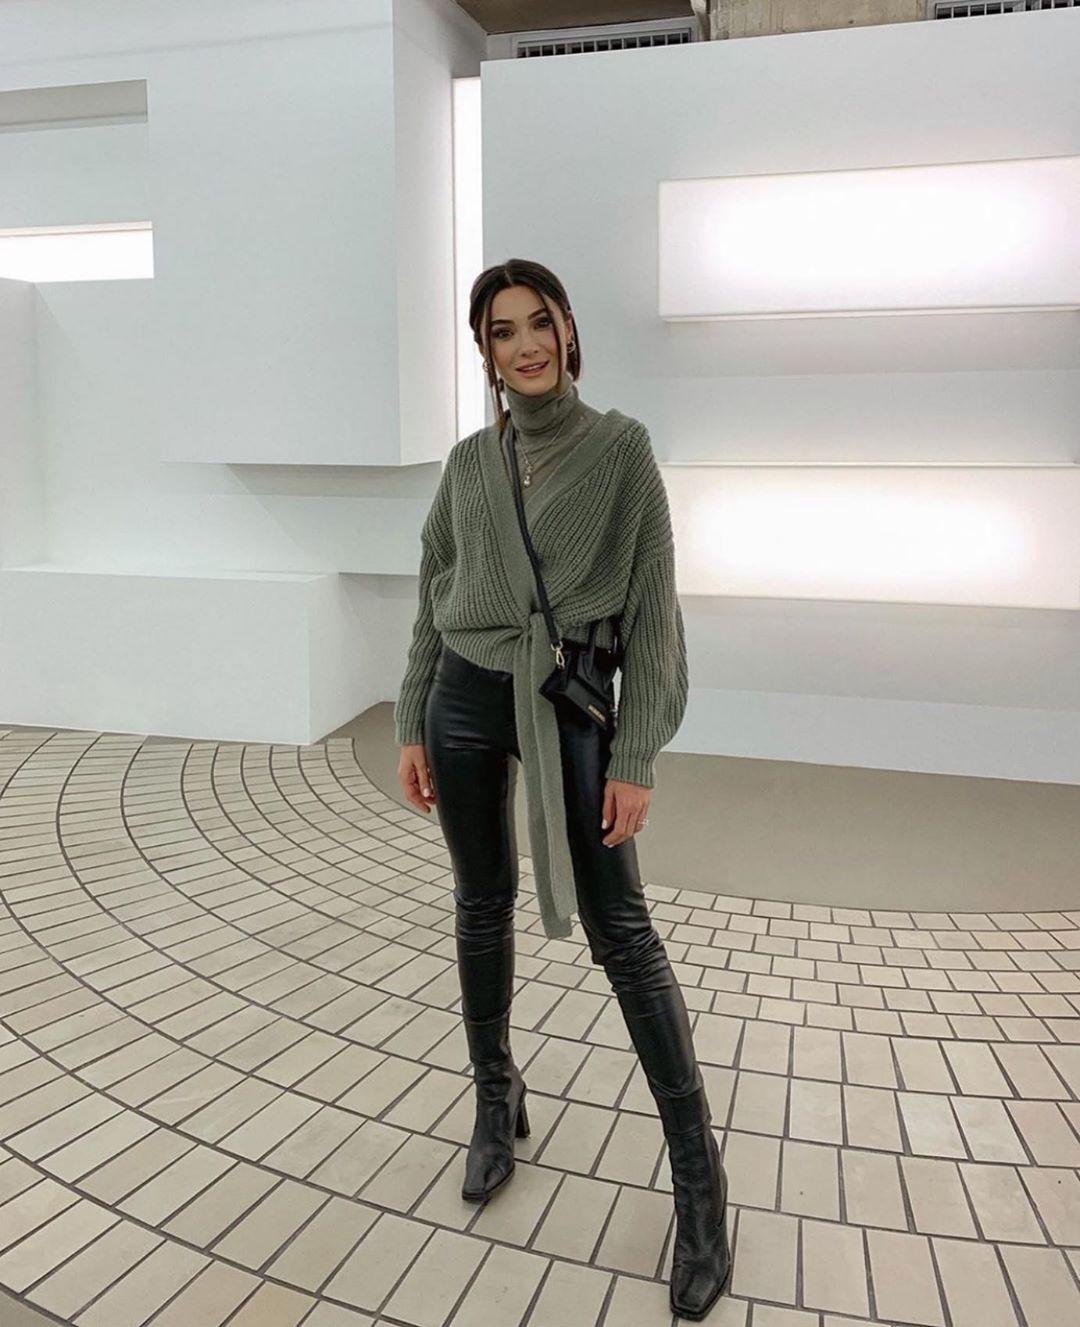 waxed effect leggings de Zara sur zarastreetstyle